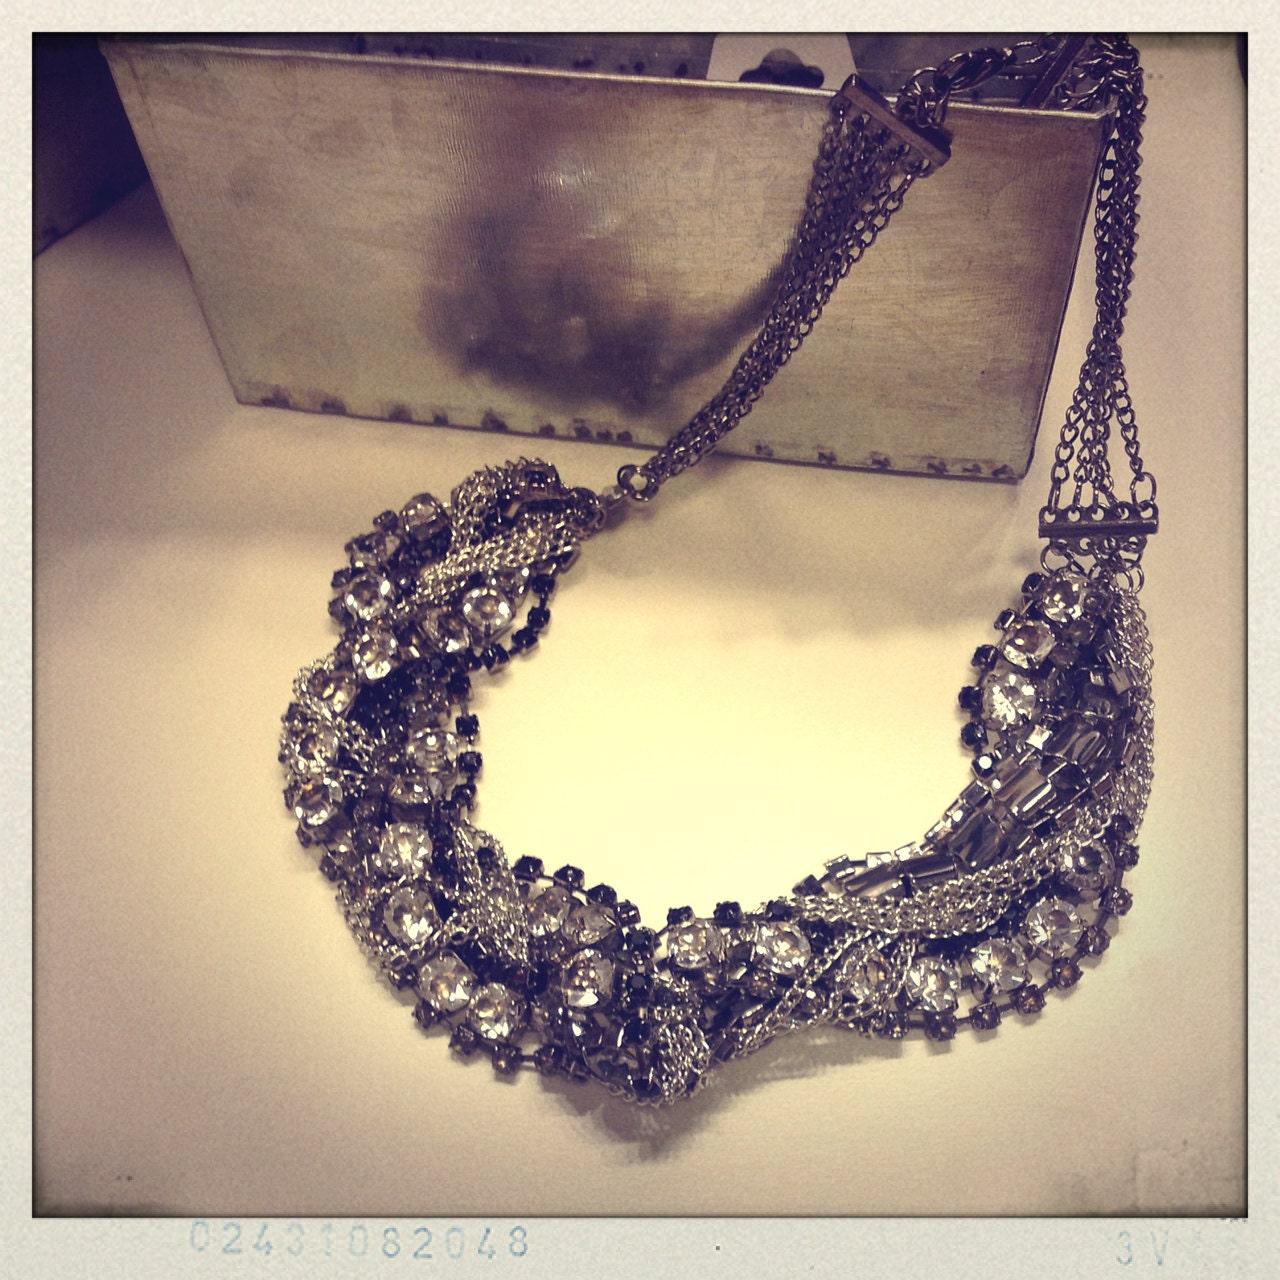 Vintage glamorous Chic Jeweled necklace